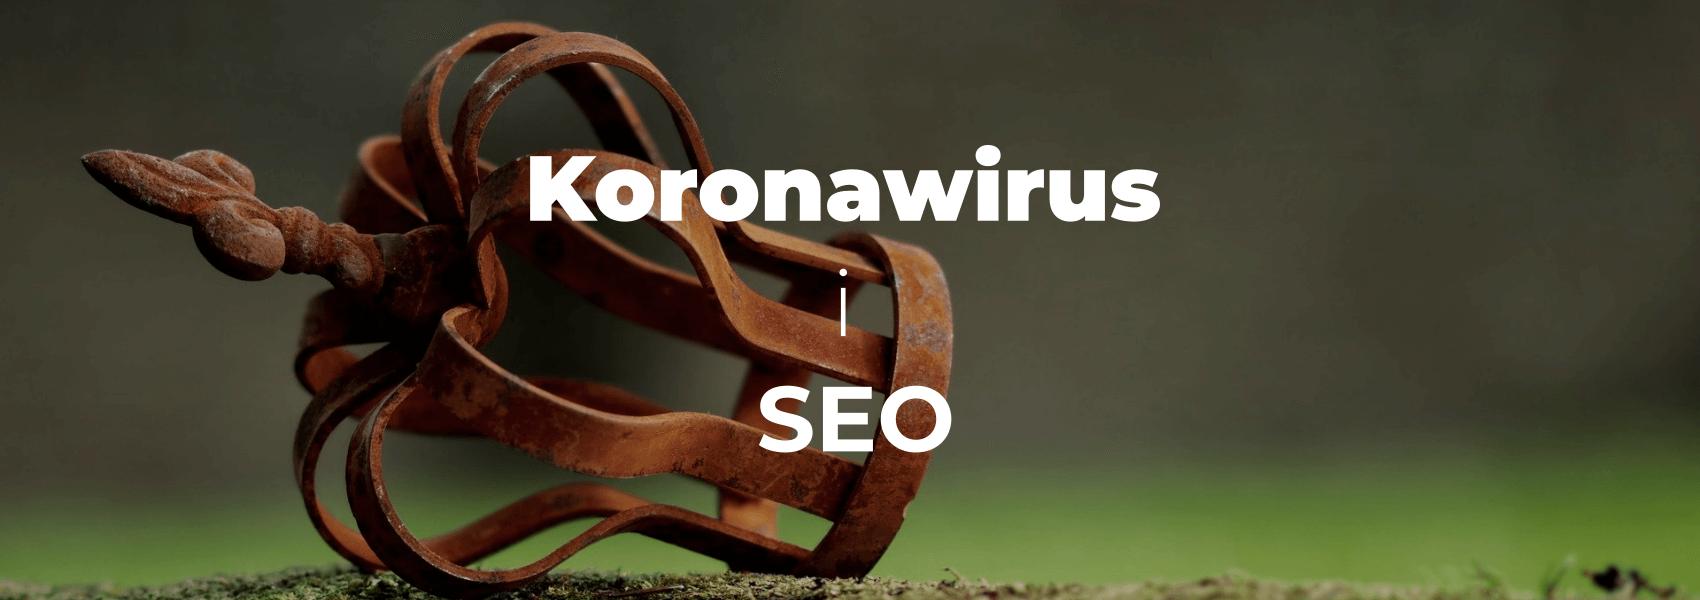 Koronawirus w SEO